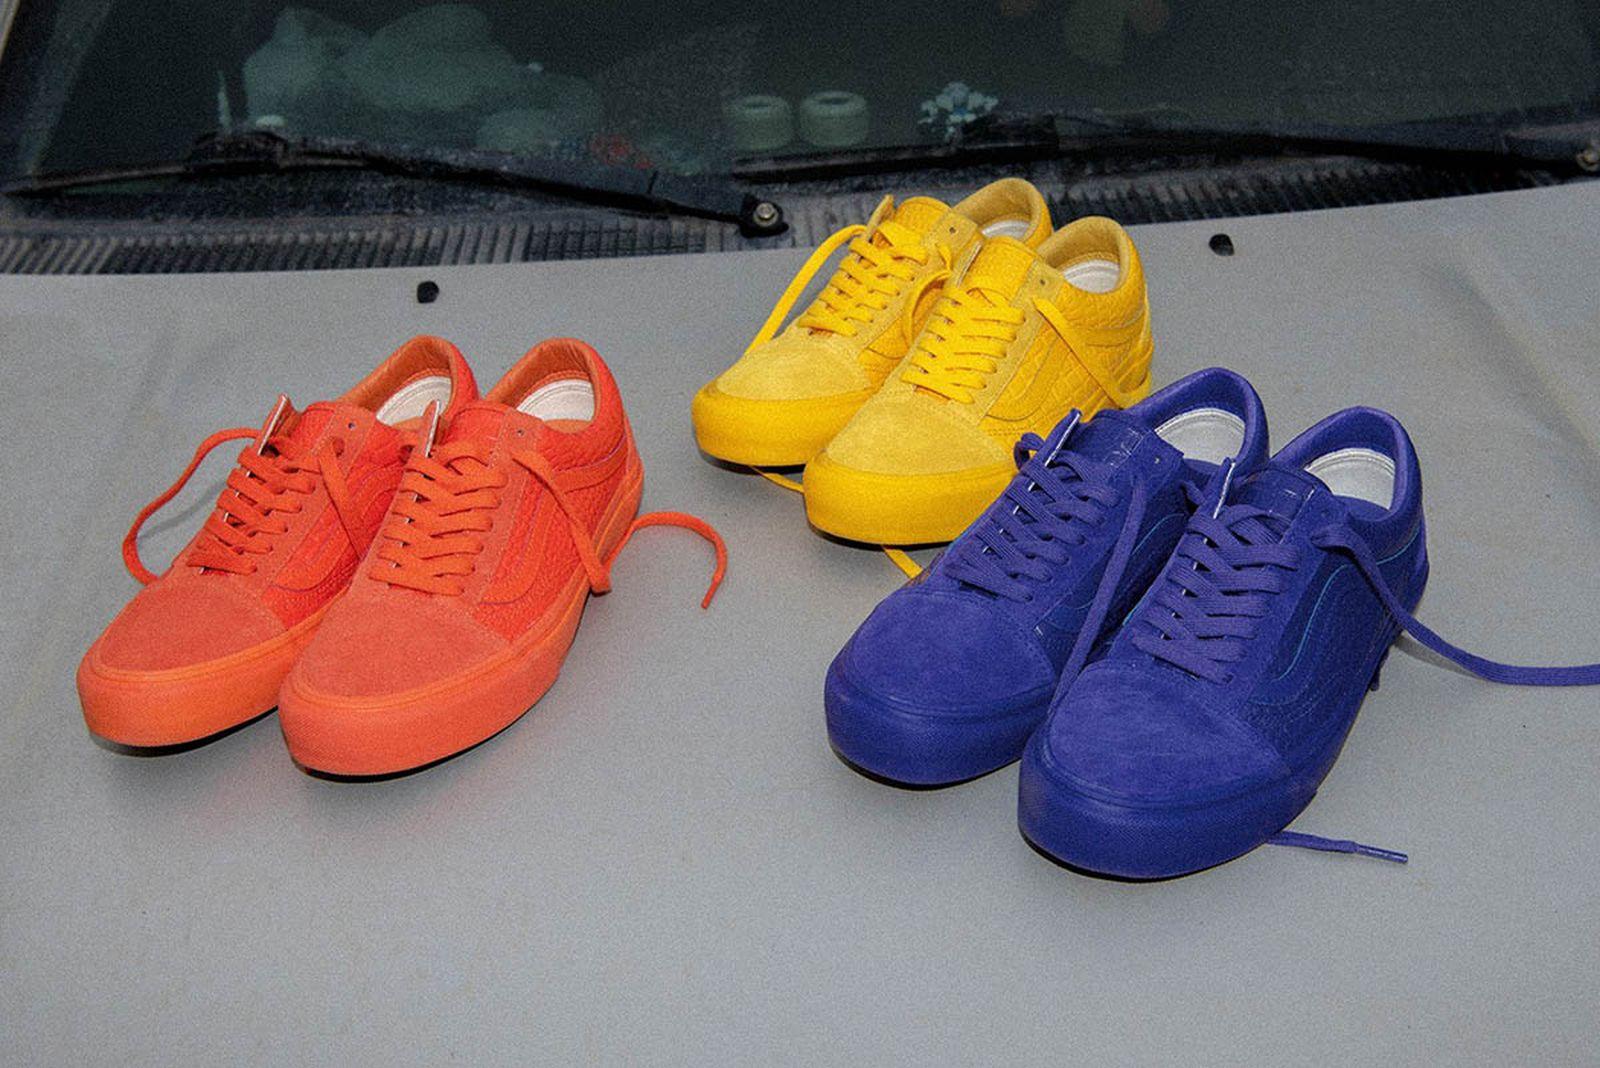 vans-old-skool-croc-skin-release-date-price-01